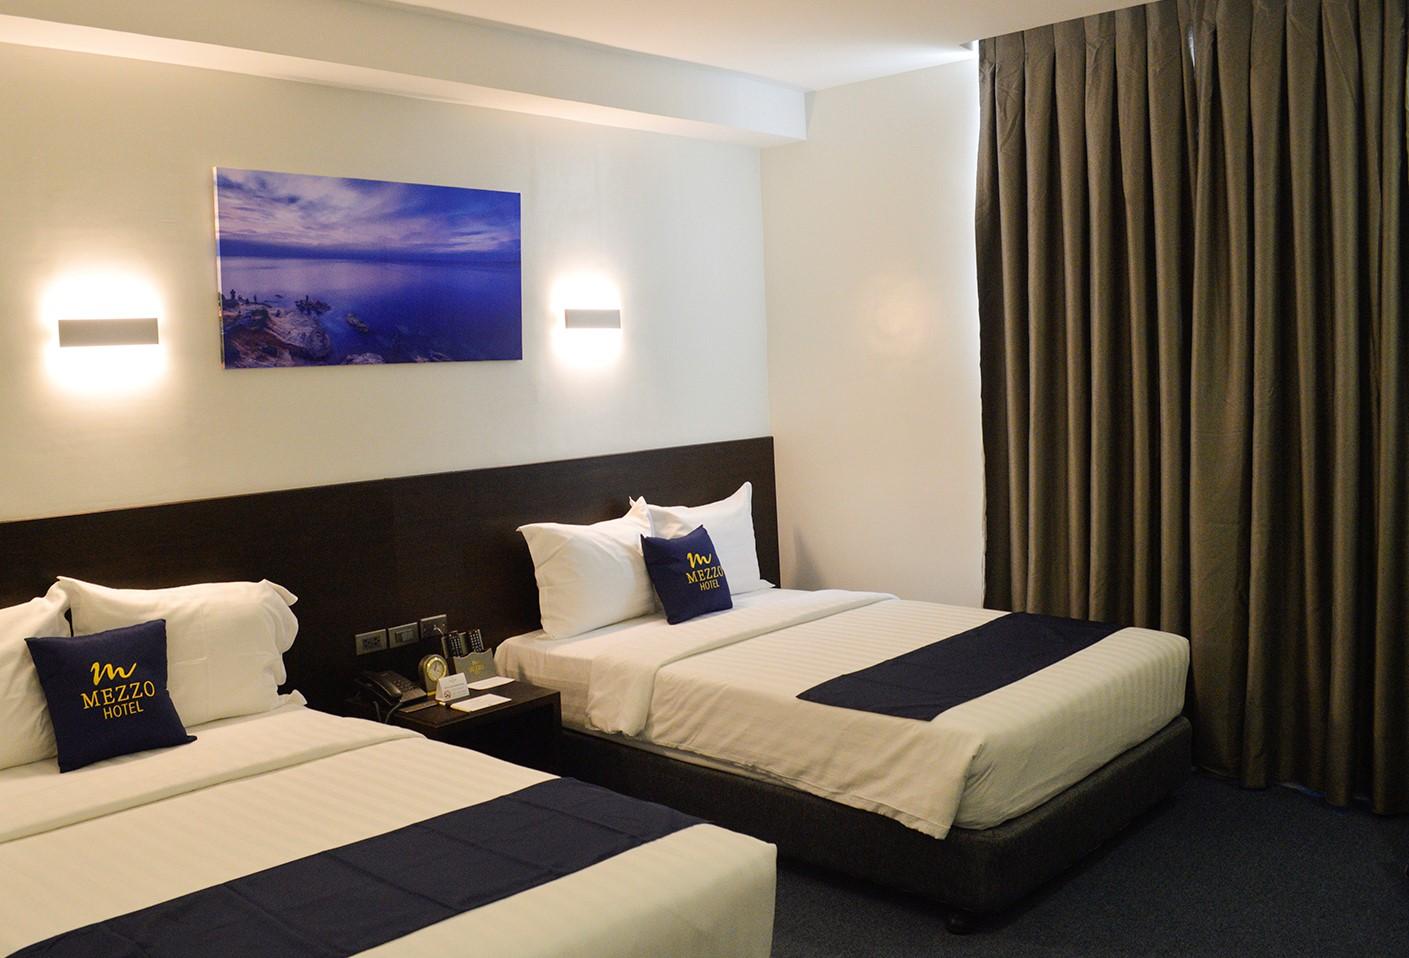 Mezzo Hotel - Deluxe Room